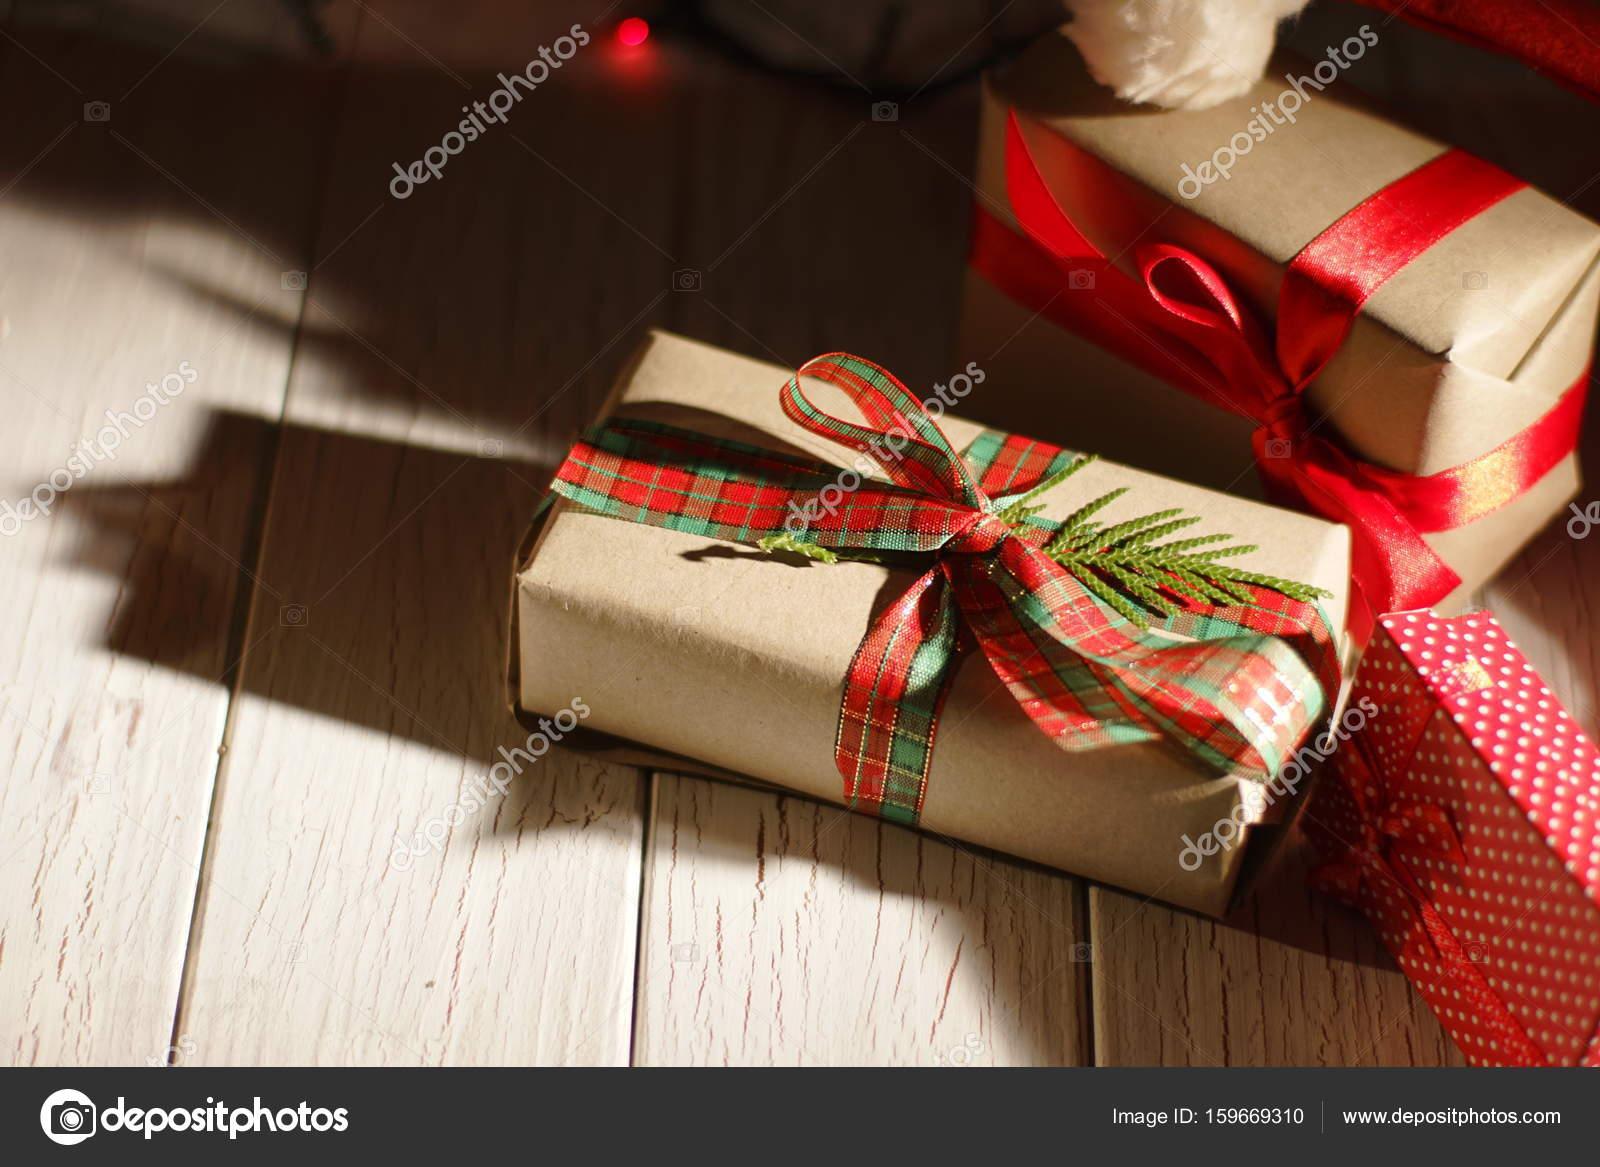 Schöne Weihnachtsgeschenke.Nahaufnahme Der Schöne Weihnachtsgeschenke Verpackt In Bunten Pape